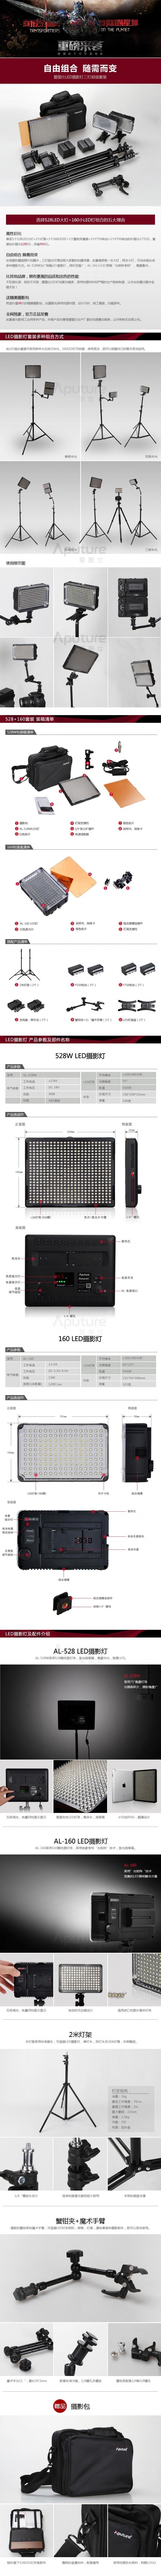 爱图仕 实用灵巧多变超值LED影视灯组合套装,闪购立省450